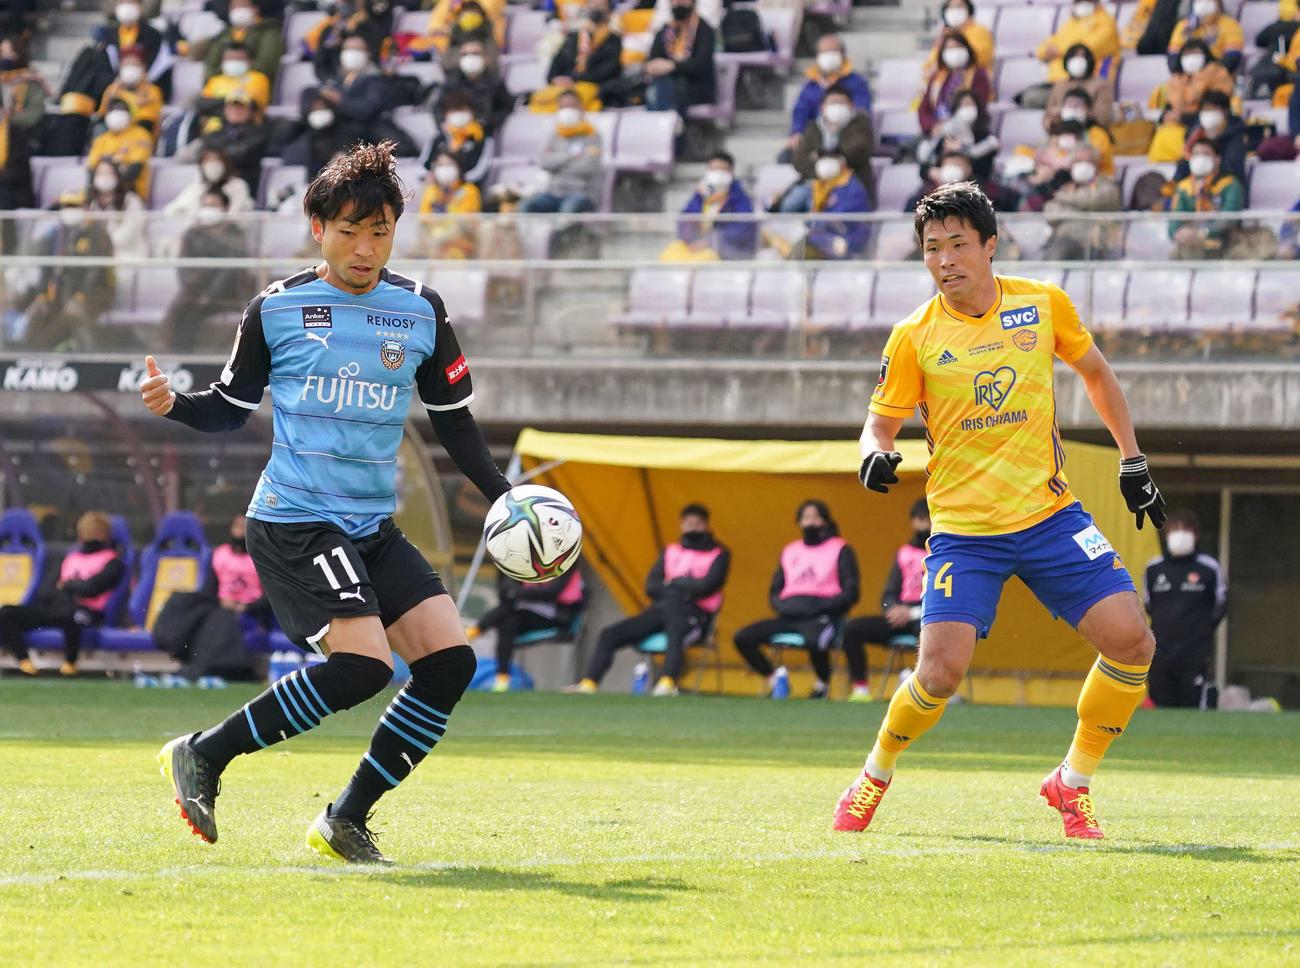 仙台対川崎F 前半、先制ゴールを決める川崎F・FW小林(左)。右は仙台DF蜂須賀(撮影・江口和貴)